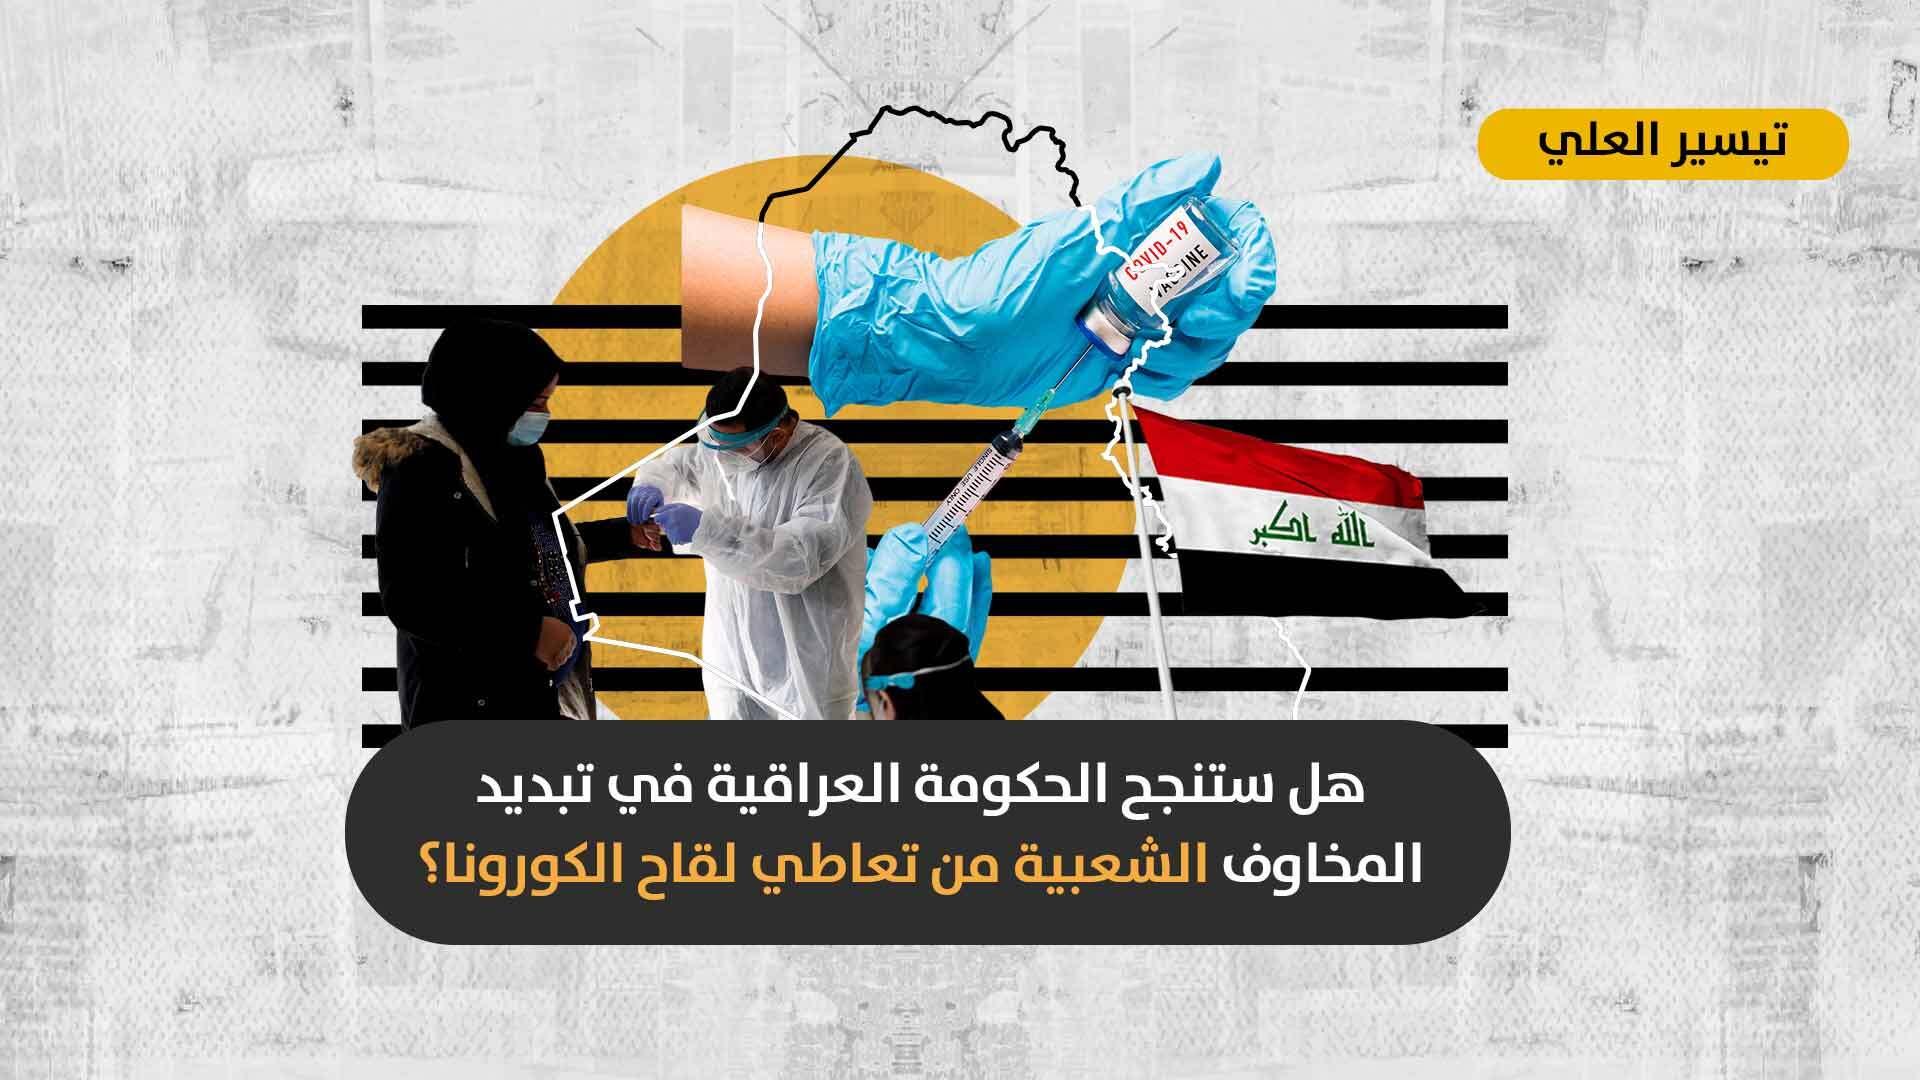 لقاحات قليلة لا تجد من يتلقاها: لماذا لا يثق كثير من العراقيين بحملات التلقيح الحكومية؟